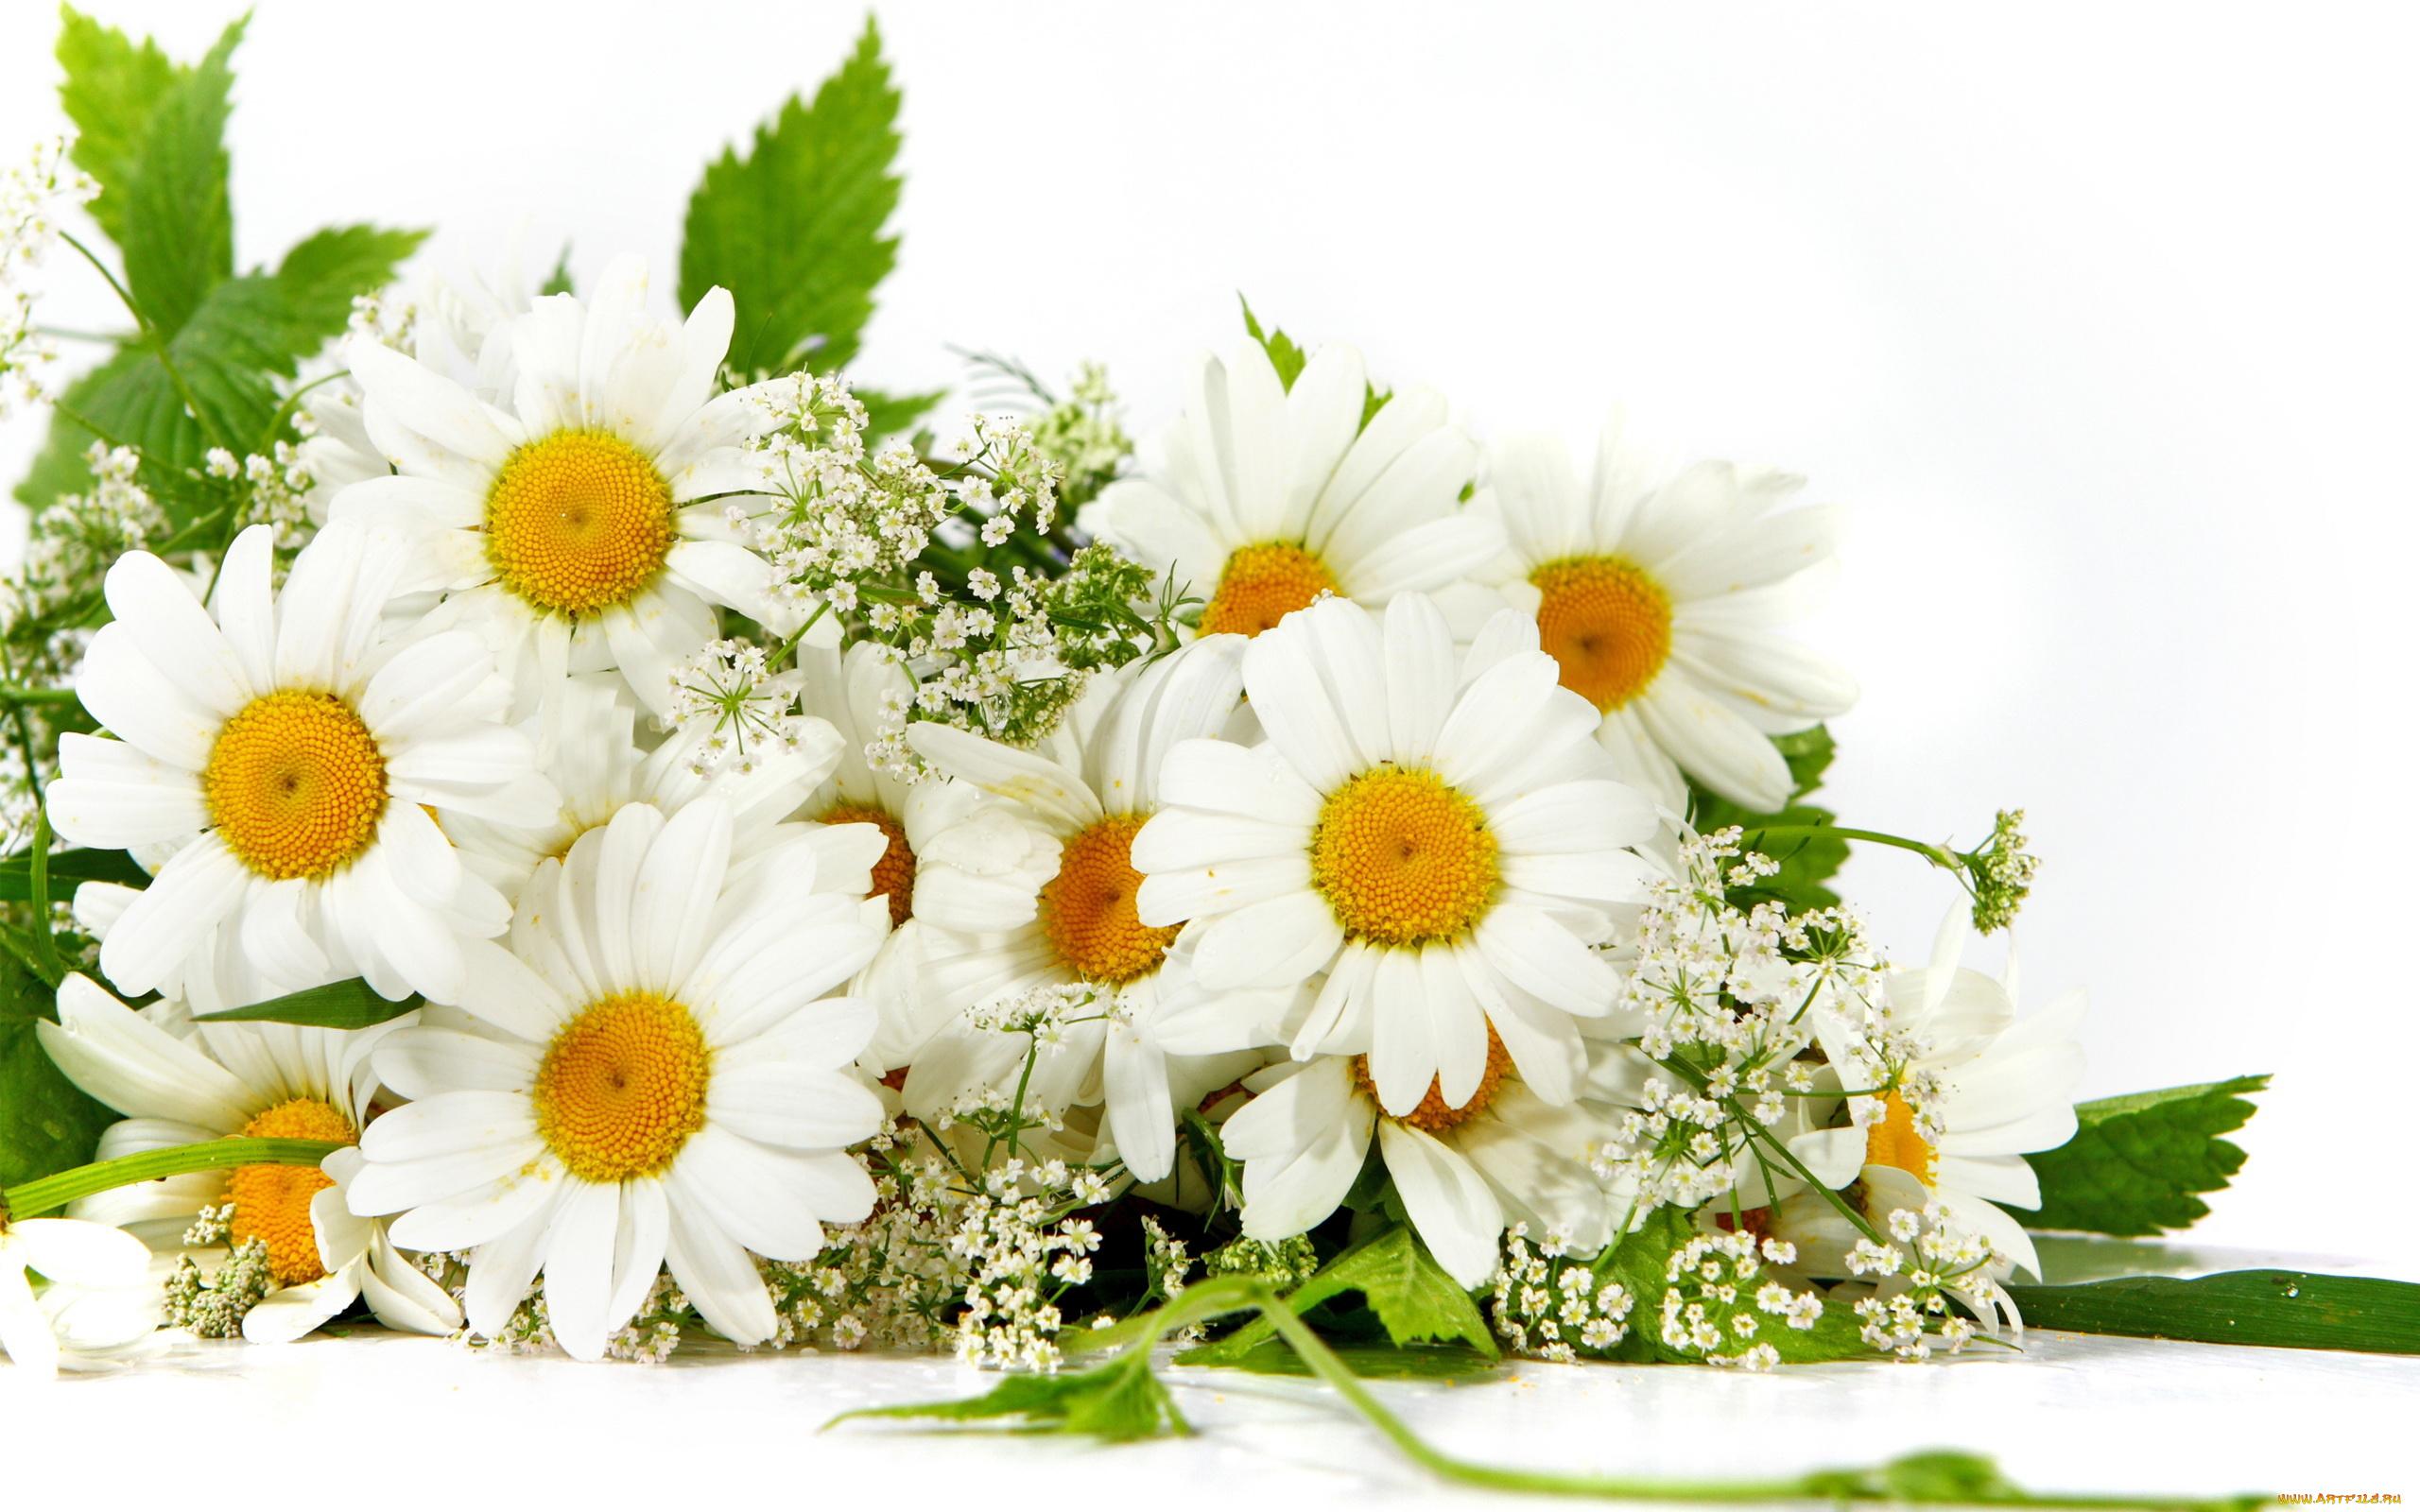 Фото цветы высокого качества словами